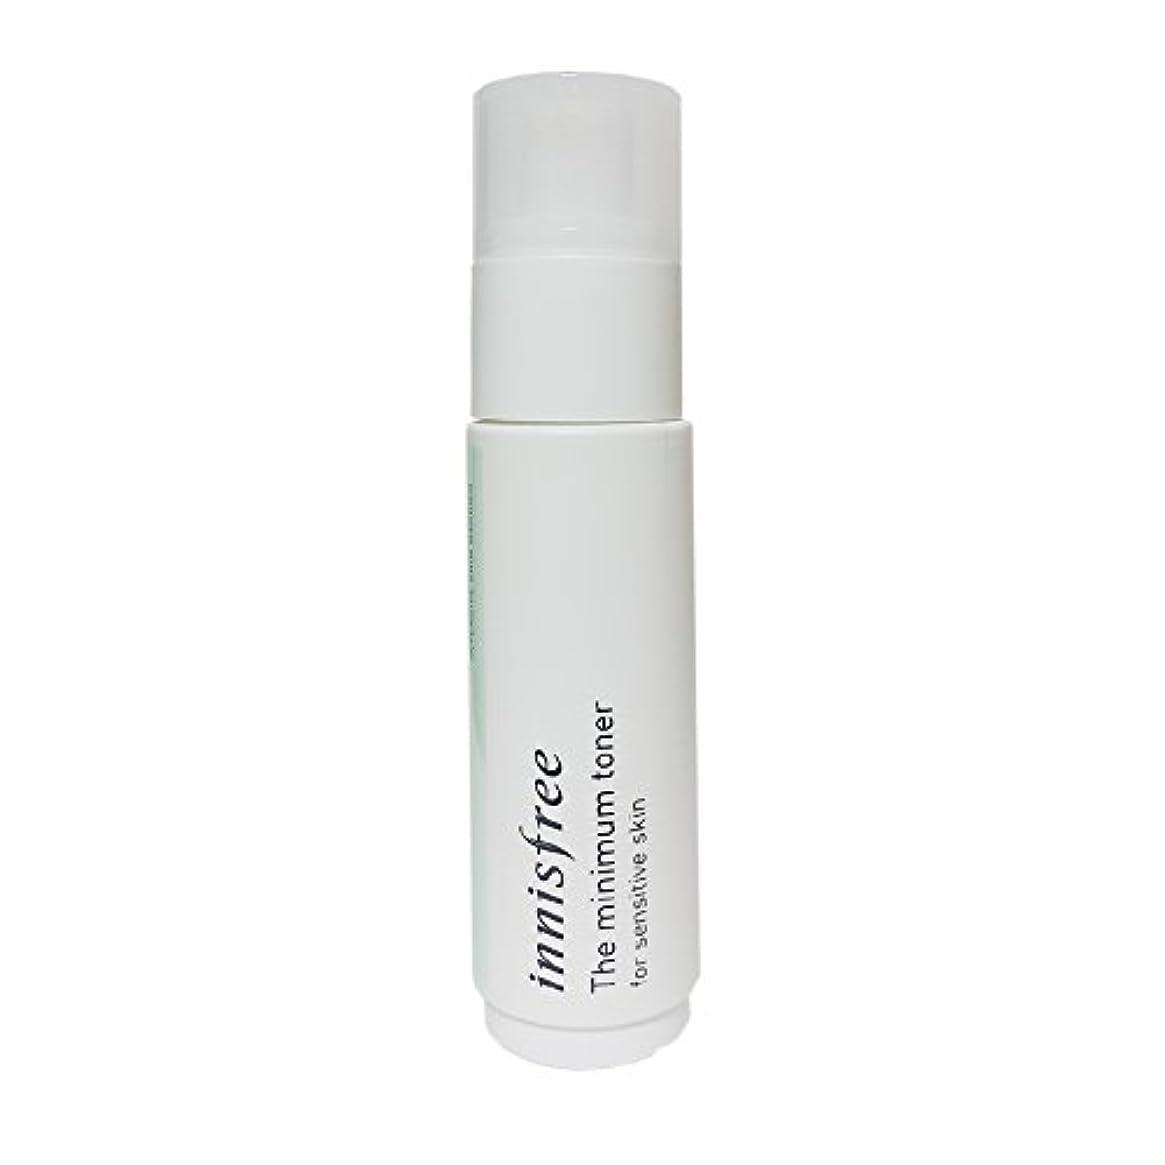 エントリインゲン周波数[イニスフリー] Innisfree ザミニマム トナー敏感肌用(45ml) Innisfree The Minimum Toner For Sensitive Skin(45ml)  [海外直送品]